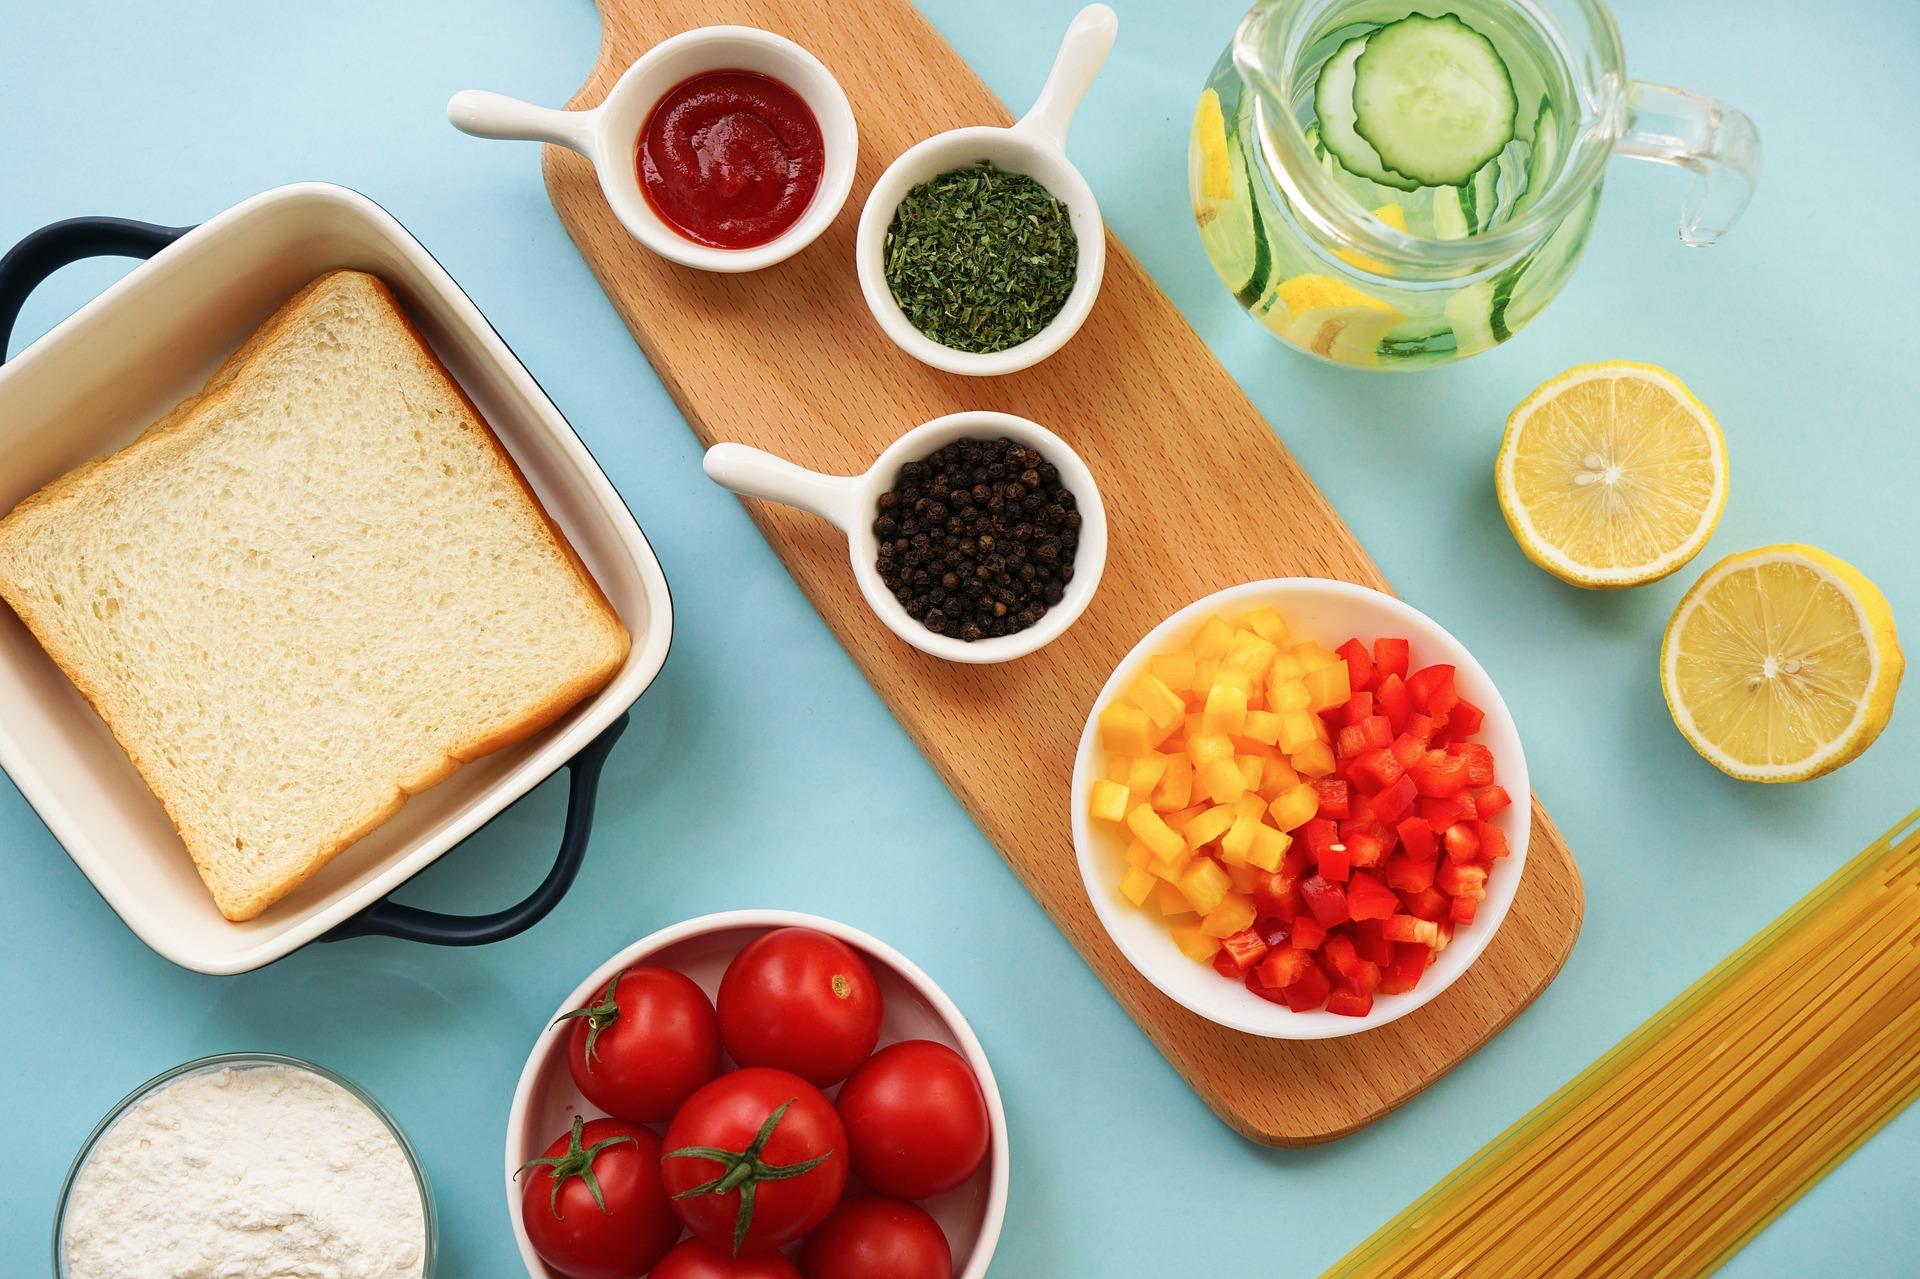 Ve zdravém jídelníčku musí být zastoupeny všechny živiny / foto: pixabay.com